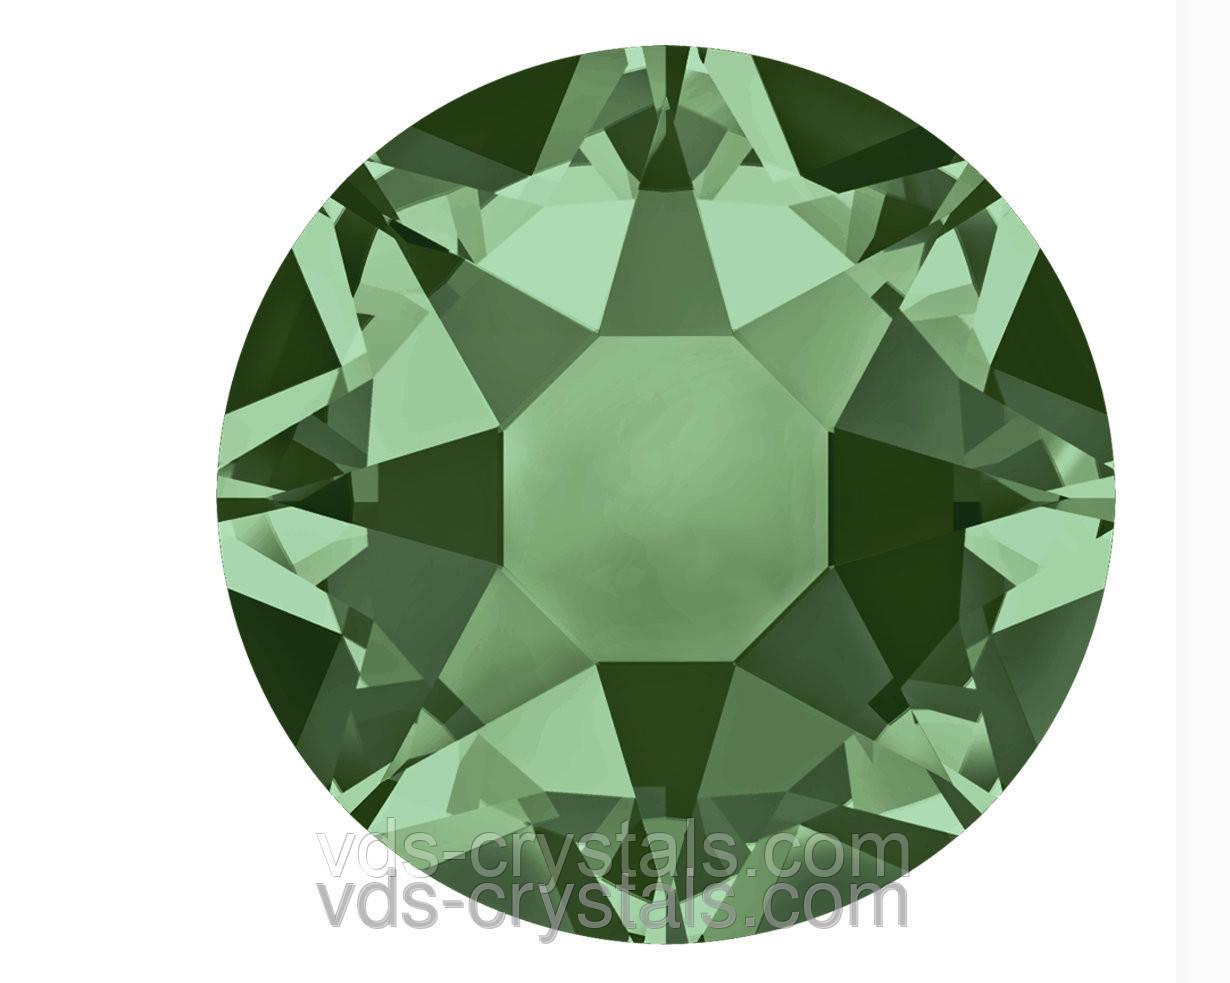 Камни Сваровски клеевые холодной фиксации 2088 Erinite F (360) 12ss (упаковка 1440 шт)